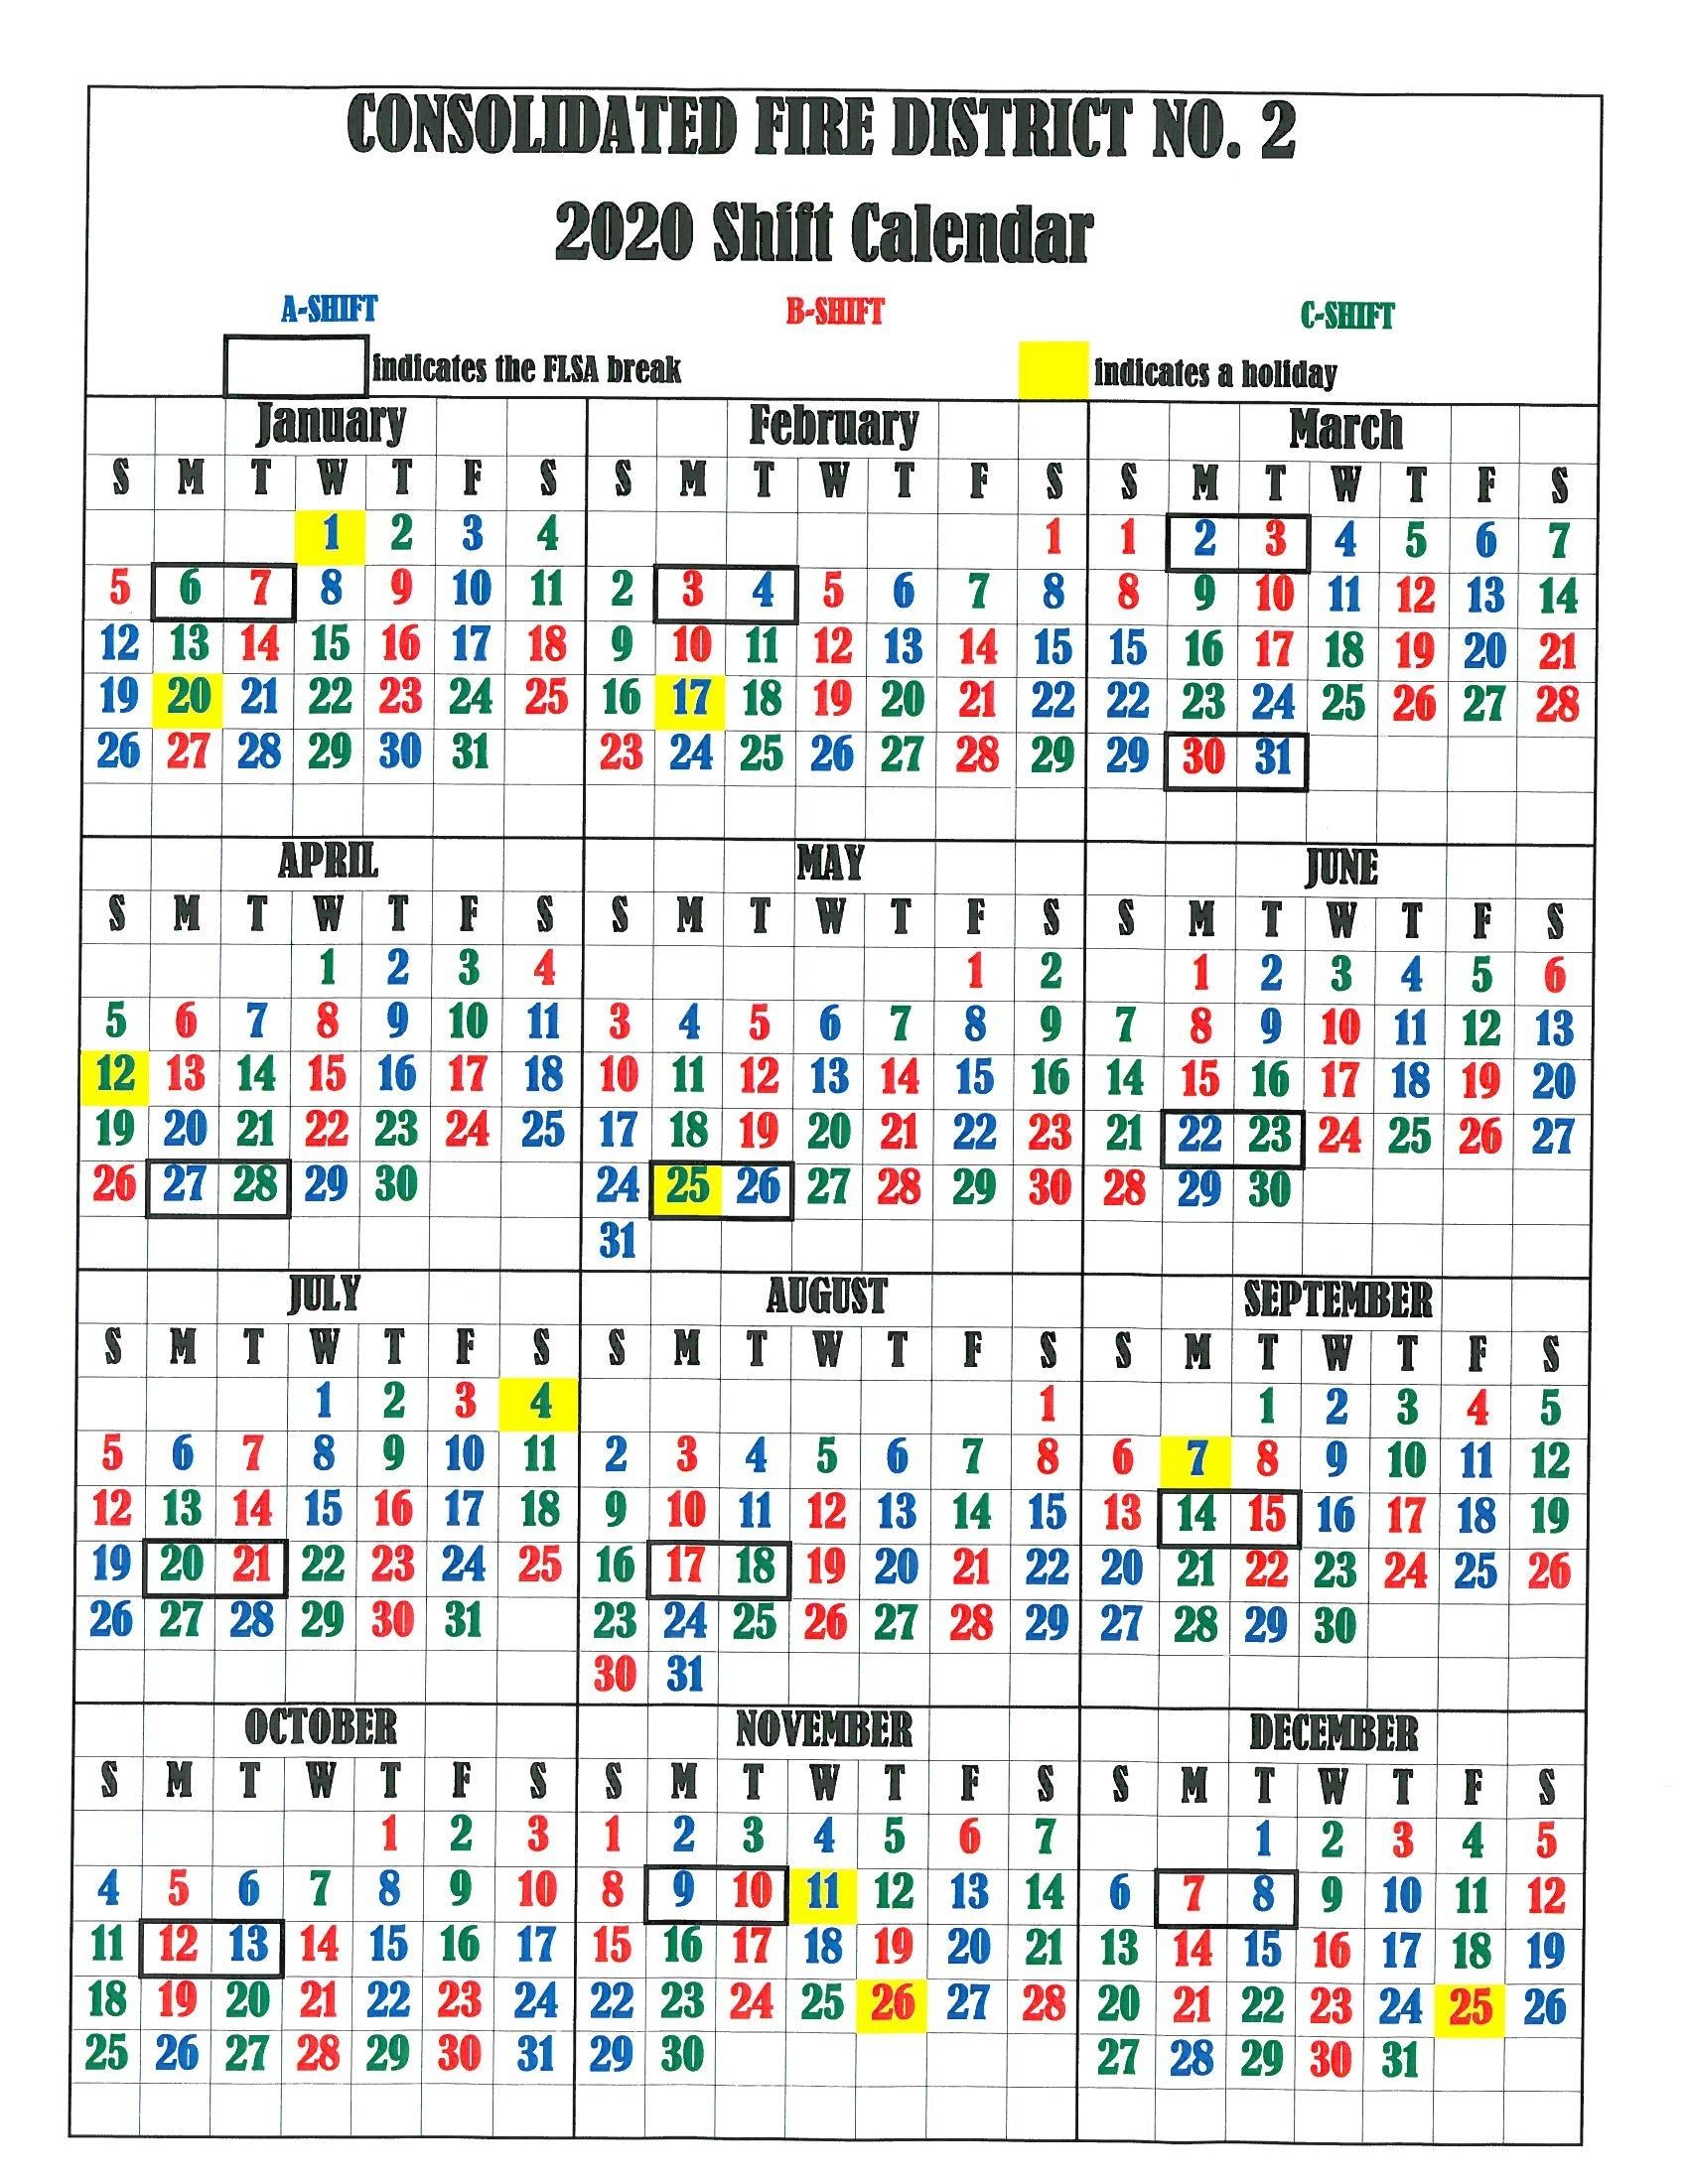 Fire Department Schedule Calendar 2020 - Template Calendar